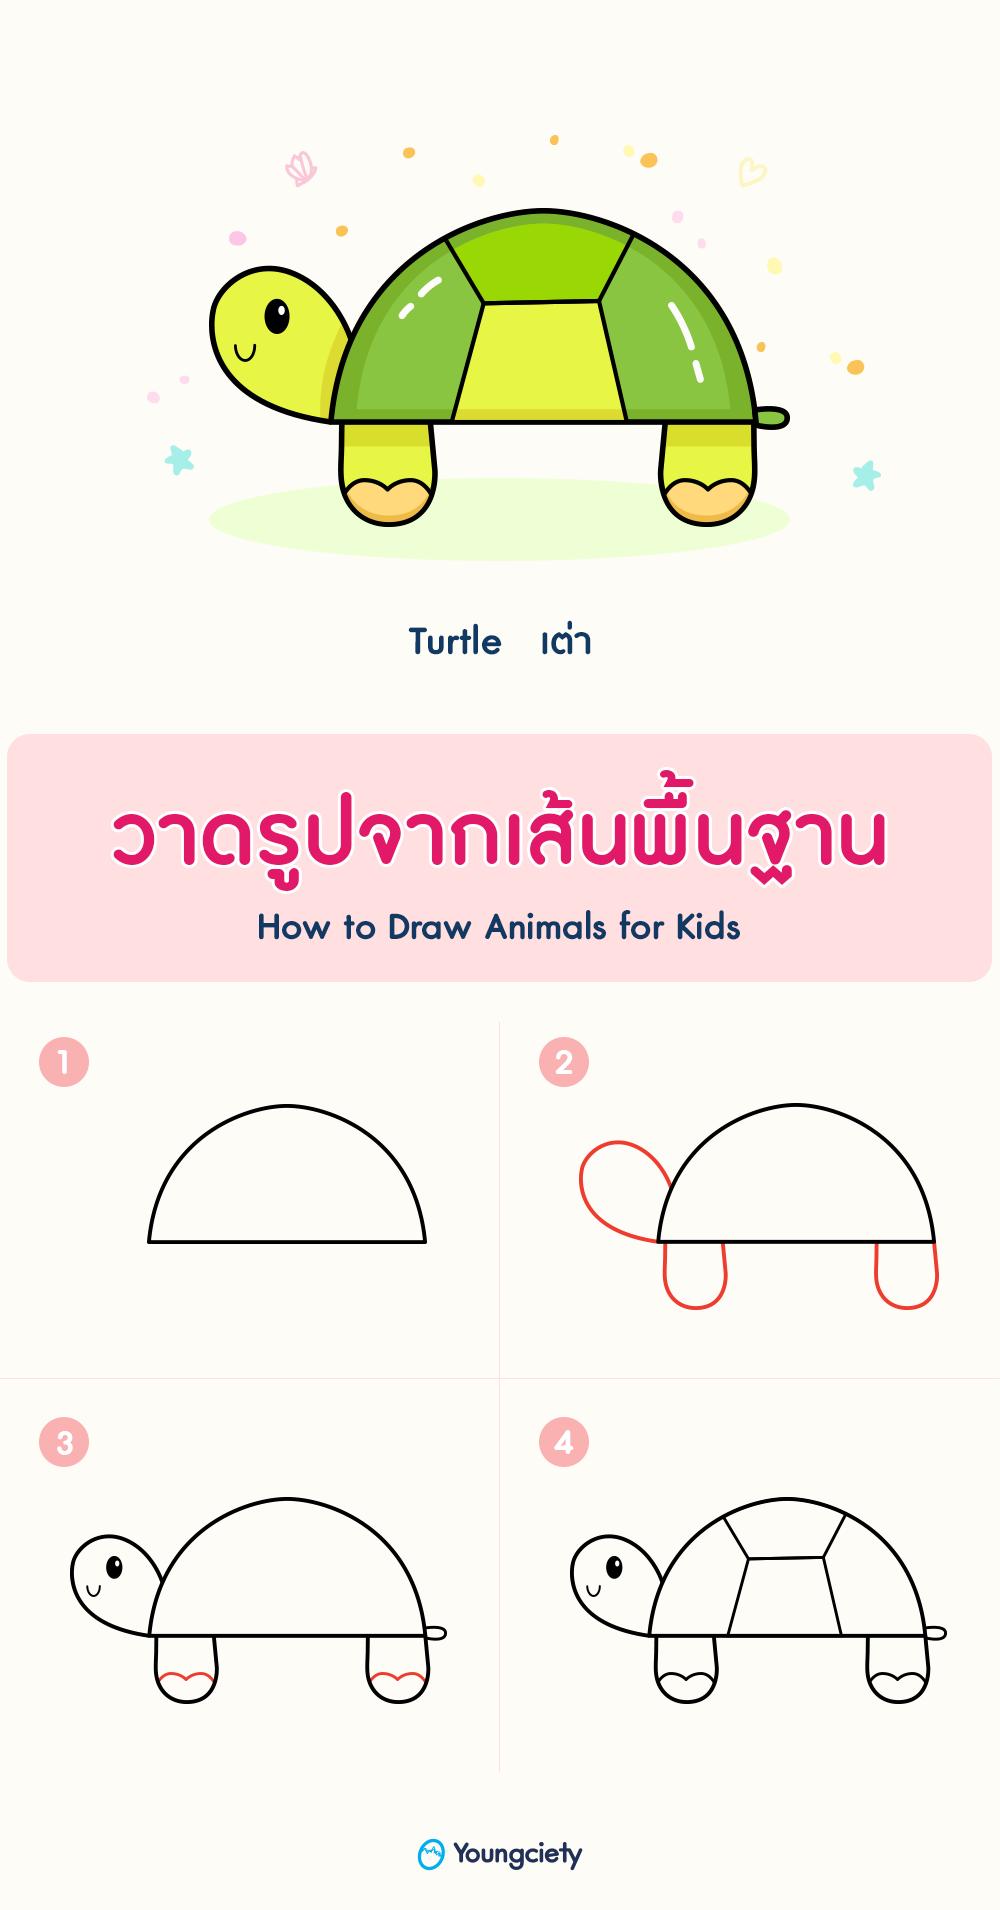 สอนวาดร ปเต าง าย ๆ How To Draw A Turtle สอนศ ลปะ สอนวาดร ป ส ตว น าร ก